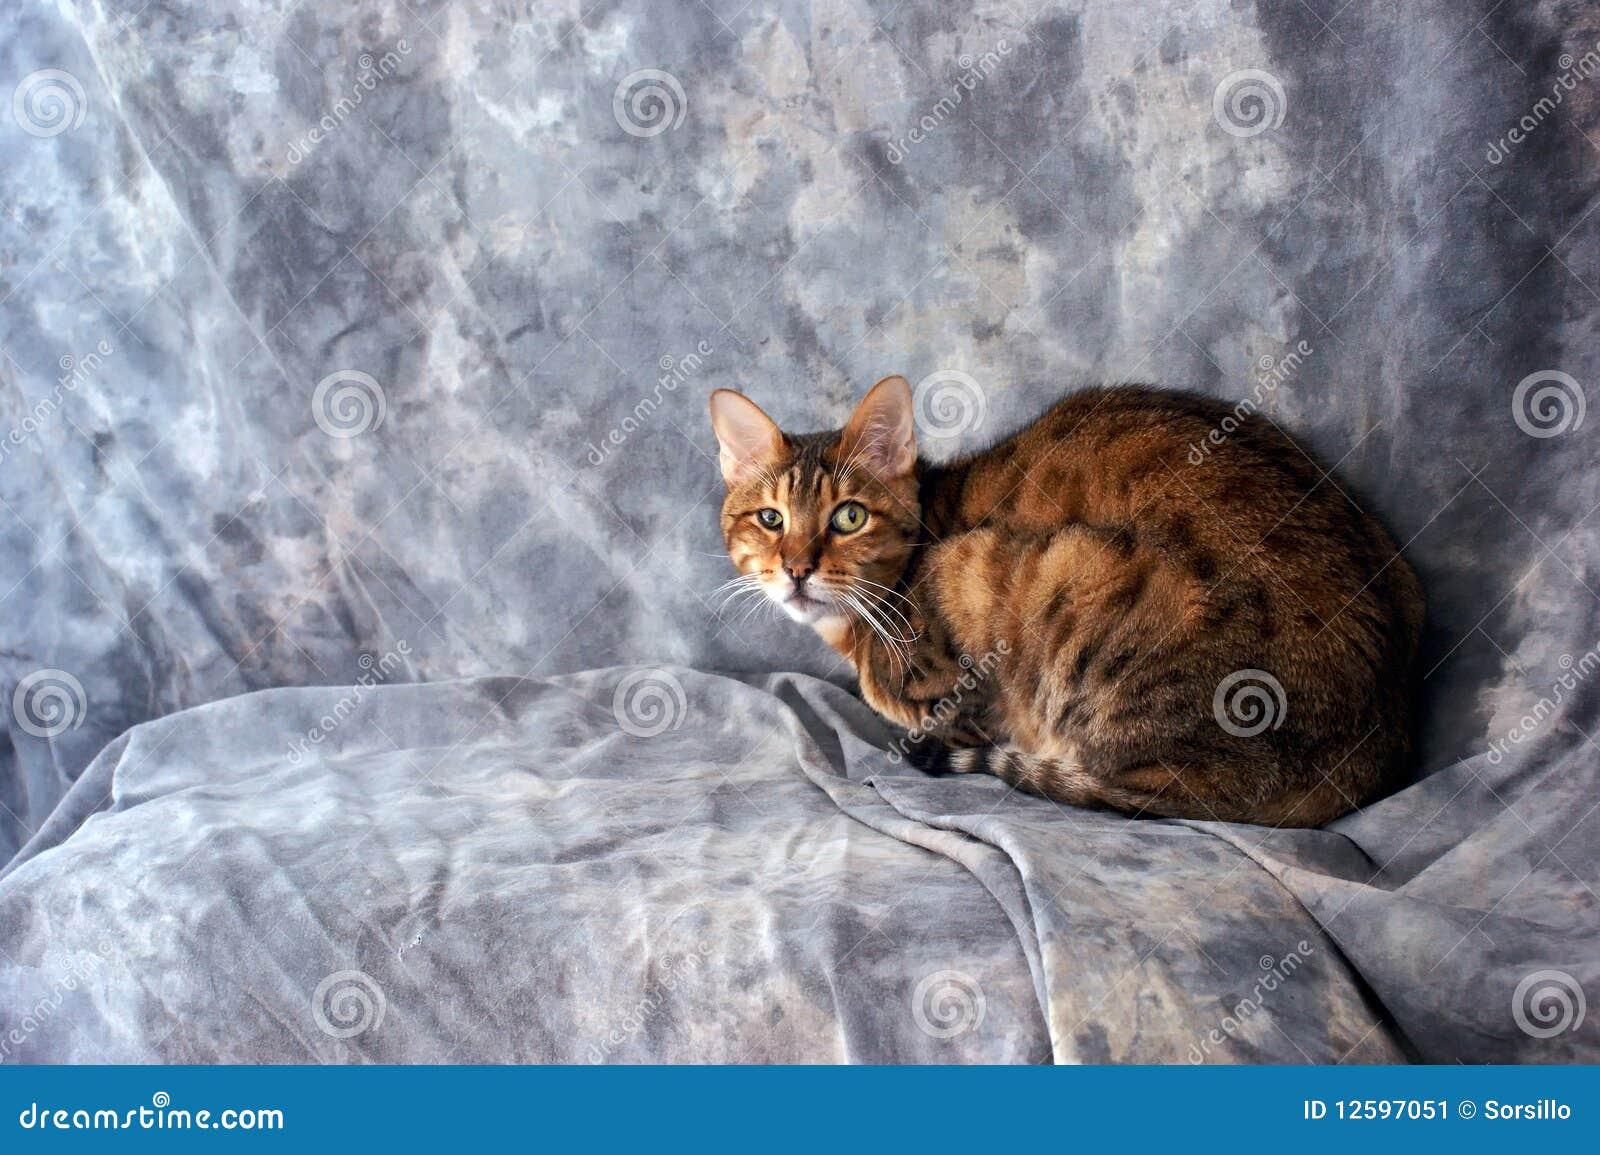 Gatto del bengala che esamina visore immagine stock - Immagine del gatto a colori ...